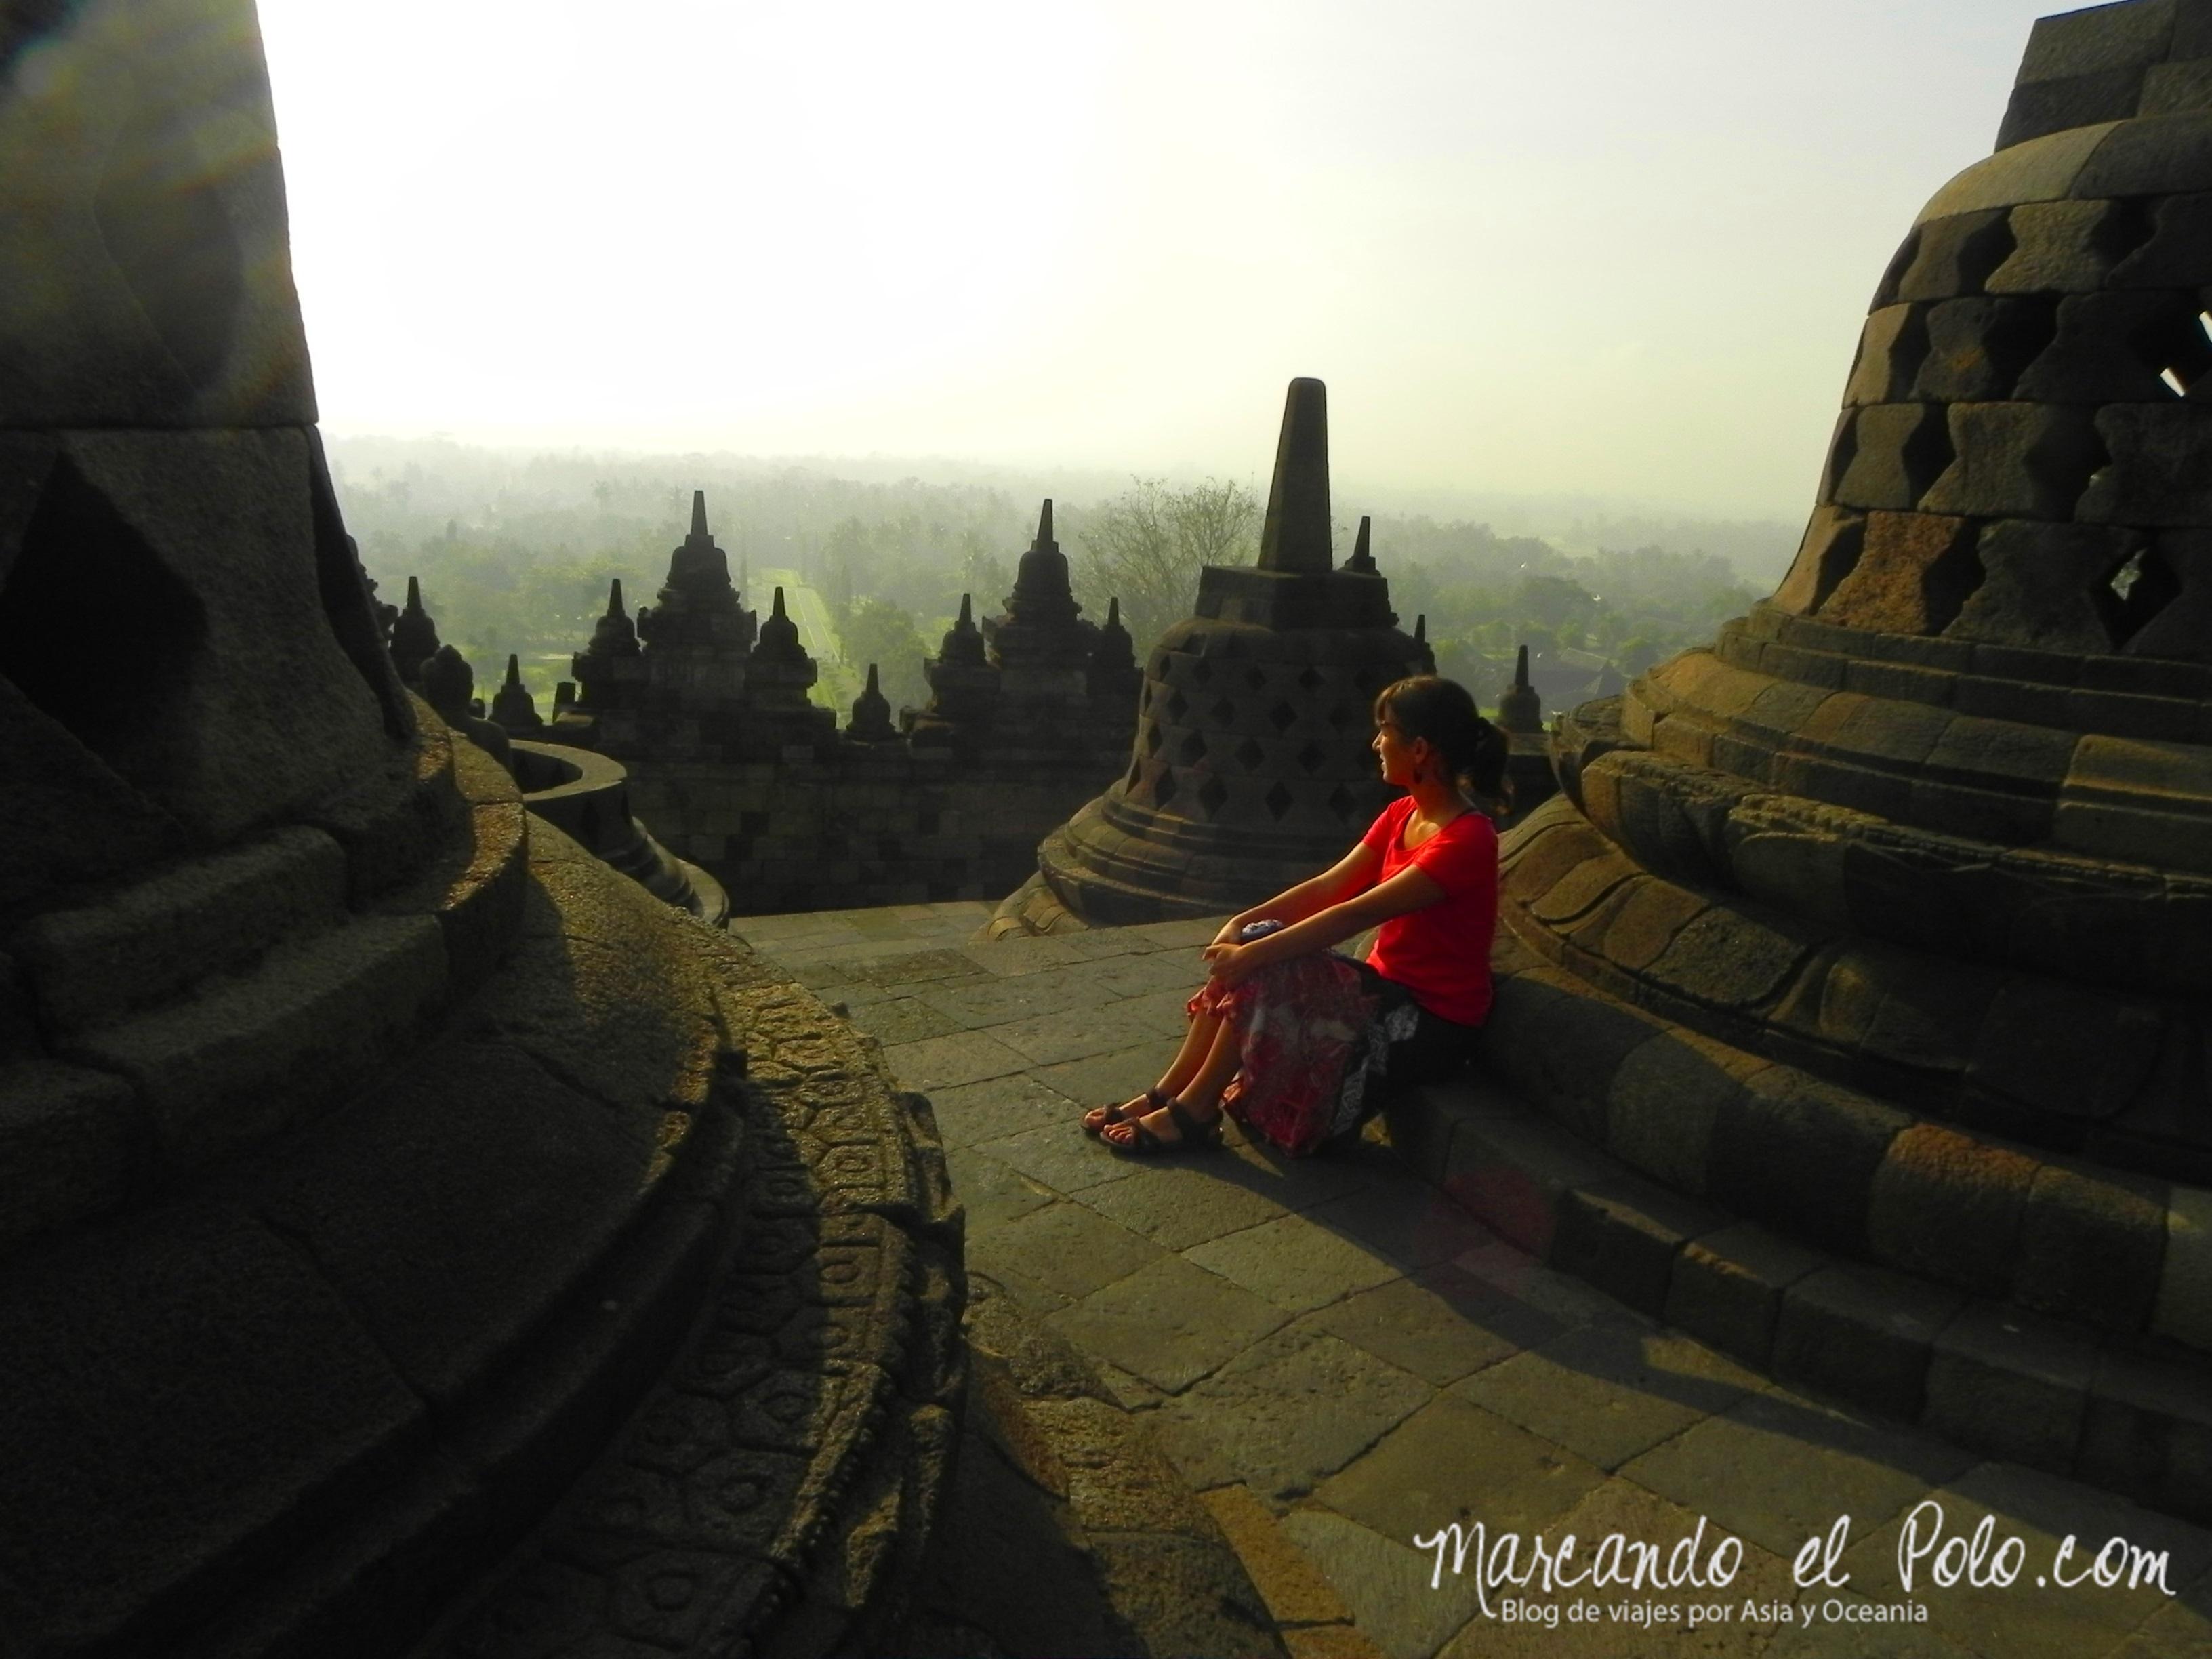 Meditando en el templo Borobudur, Indonesia